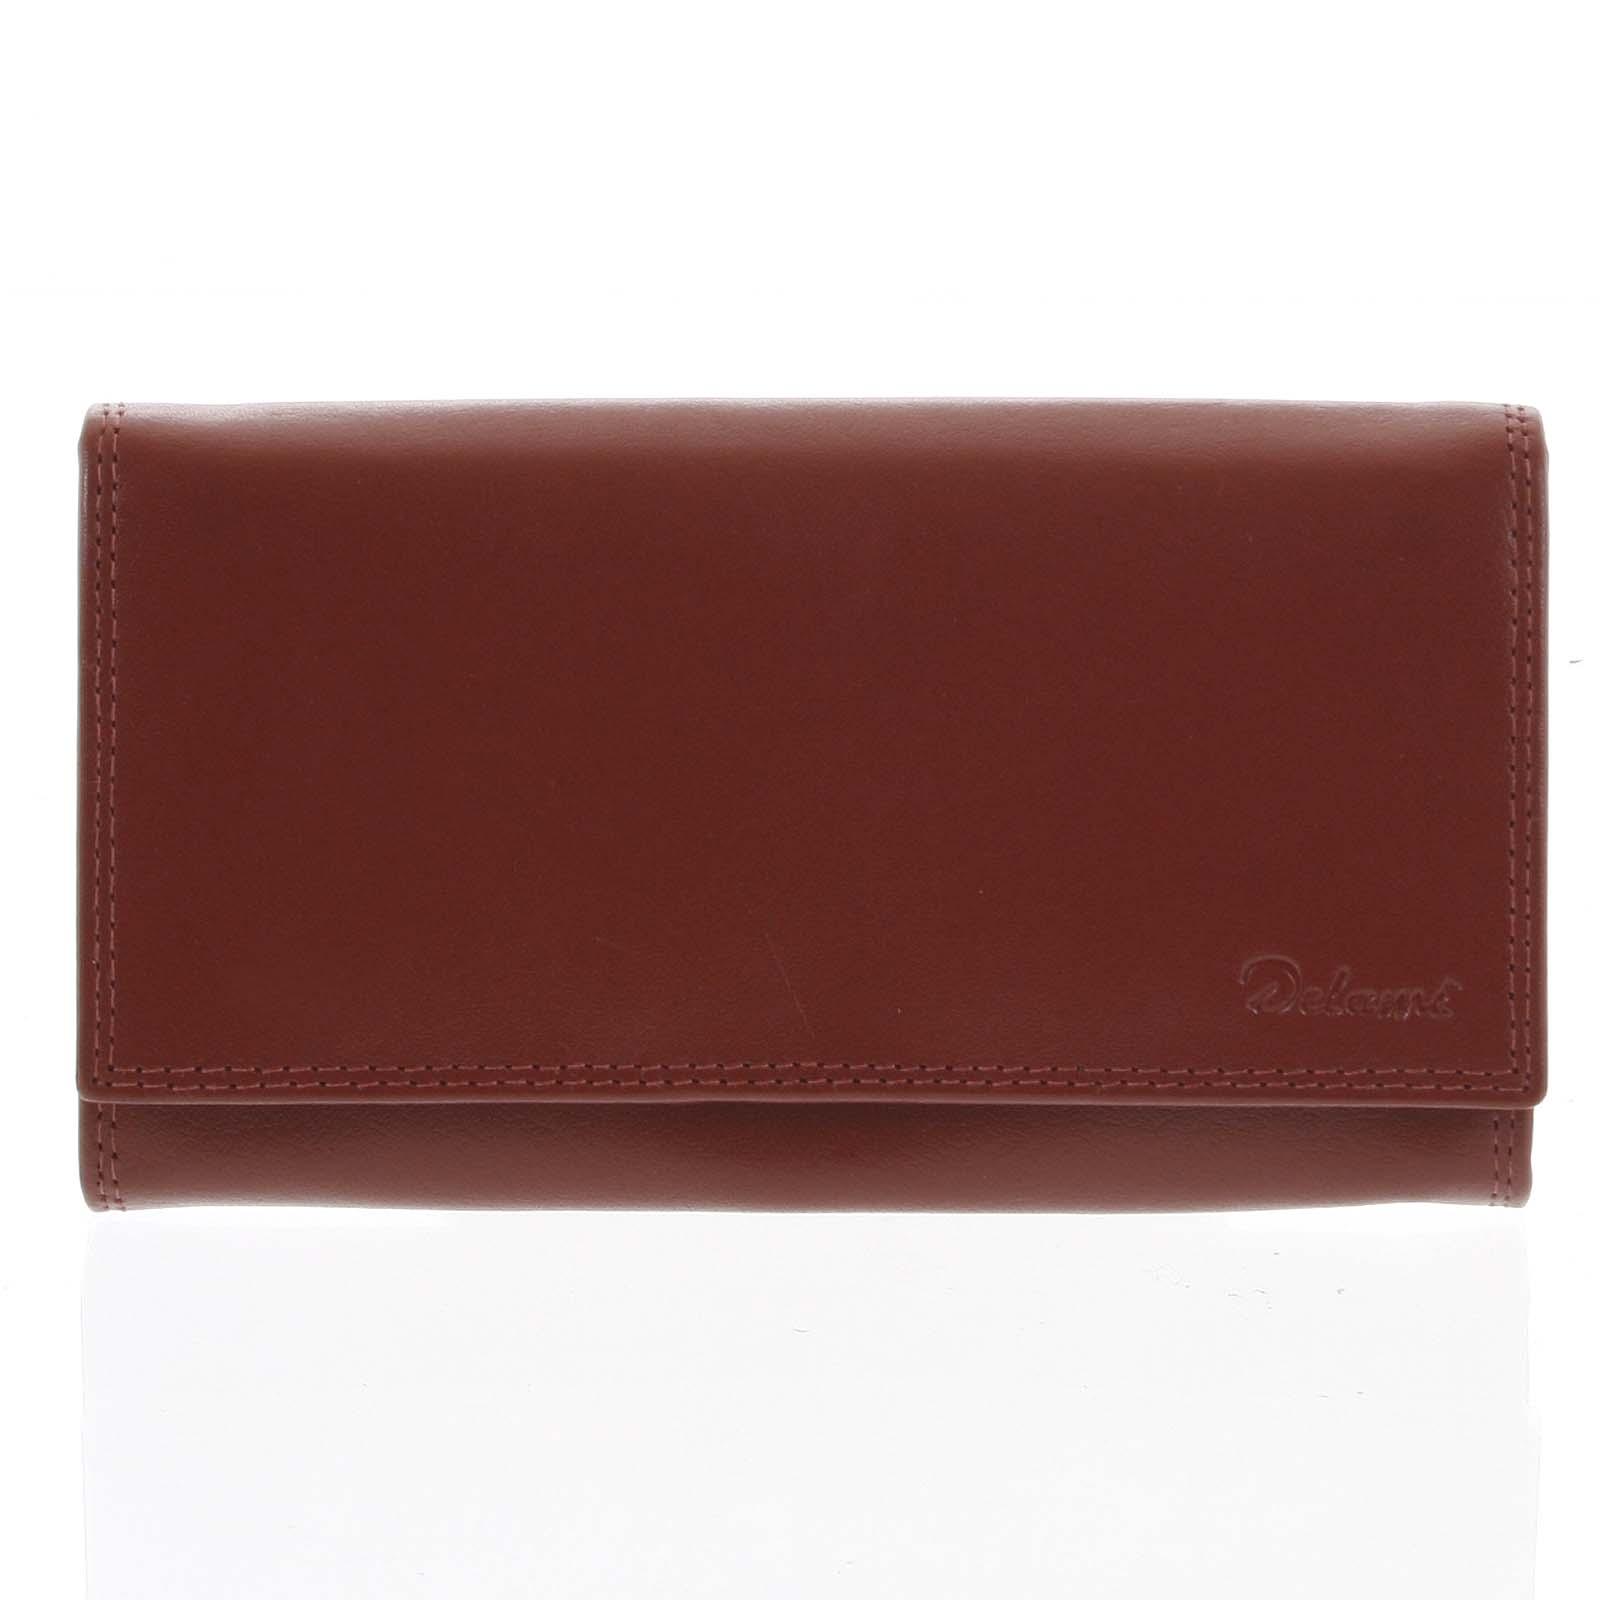 Dámská kožená peněženka červená - Delami Wandy